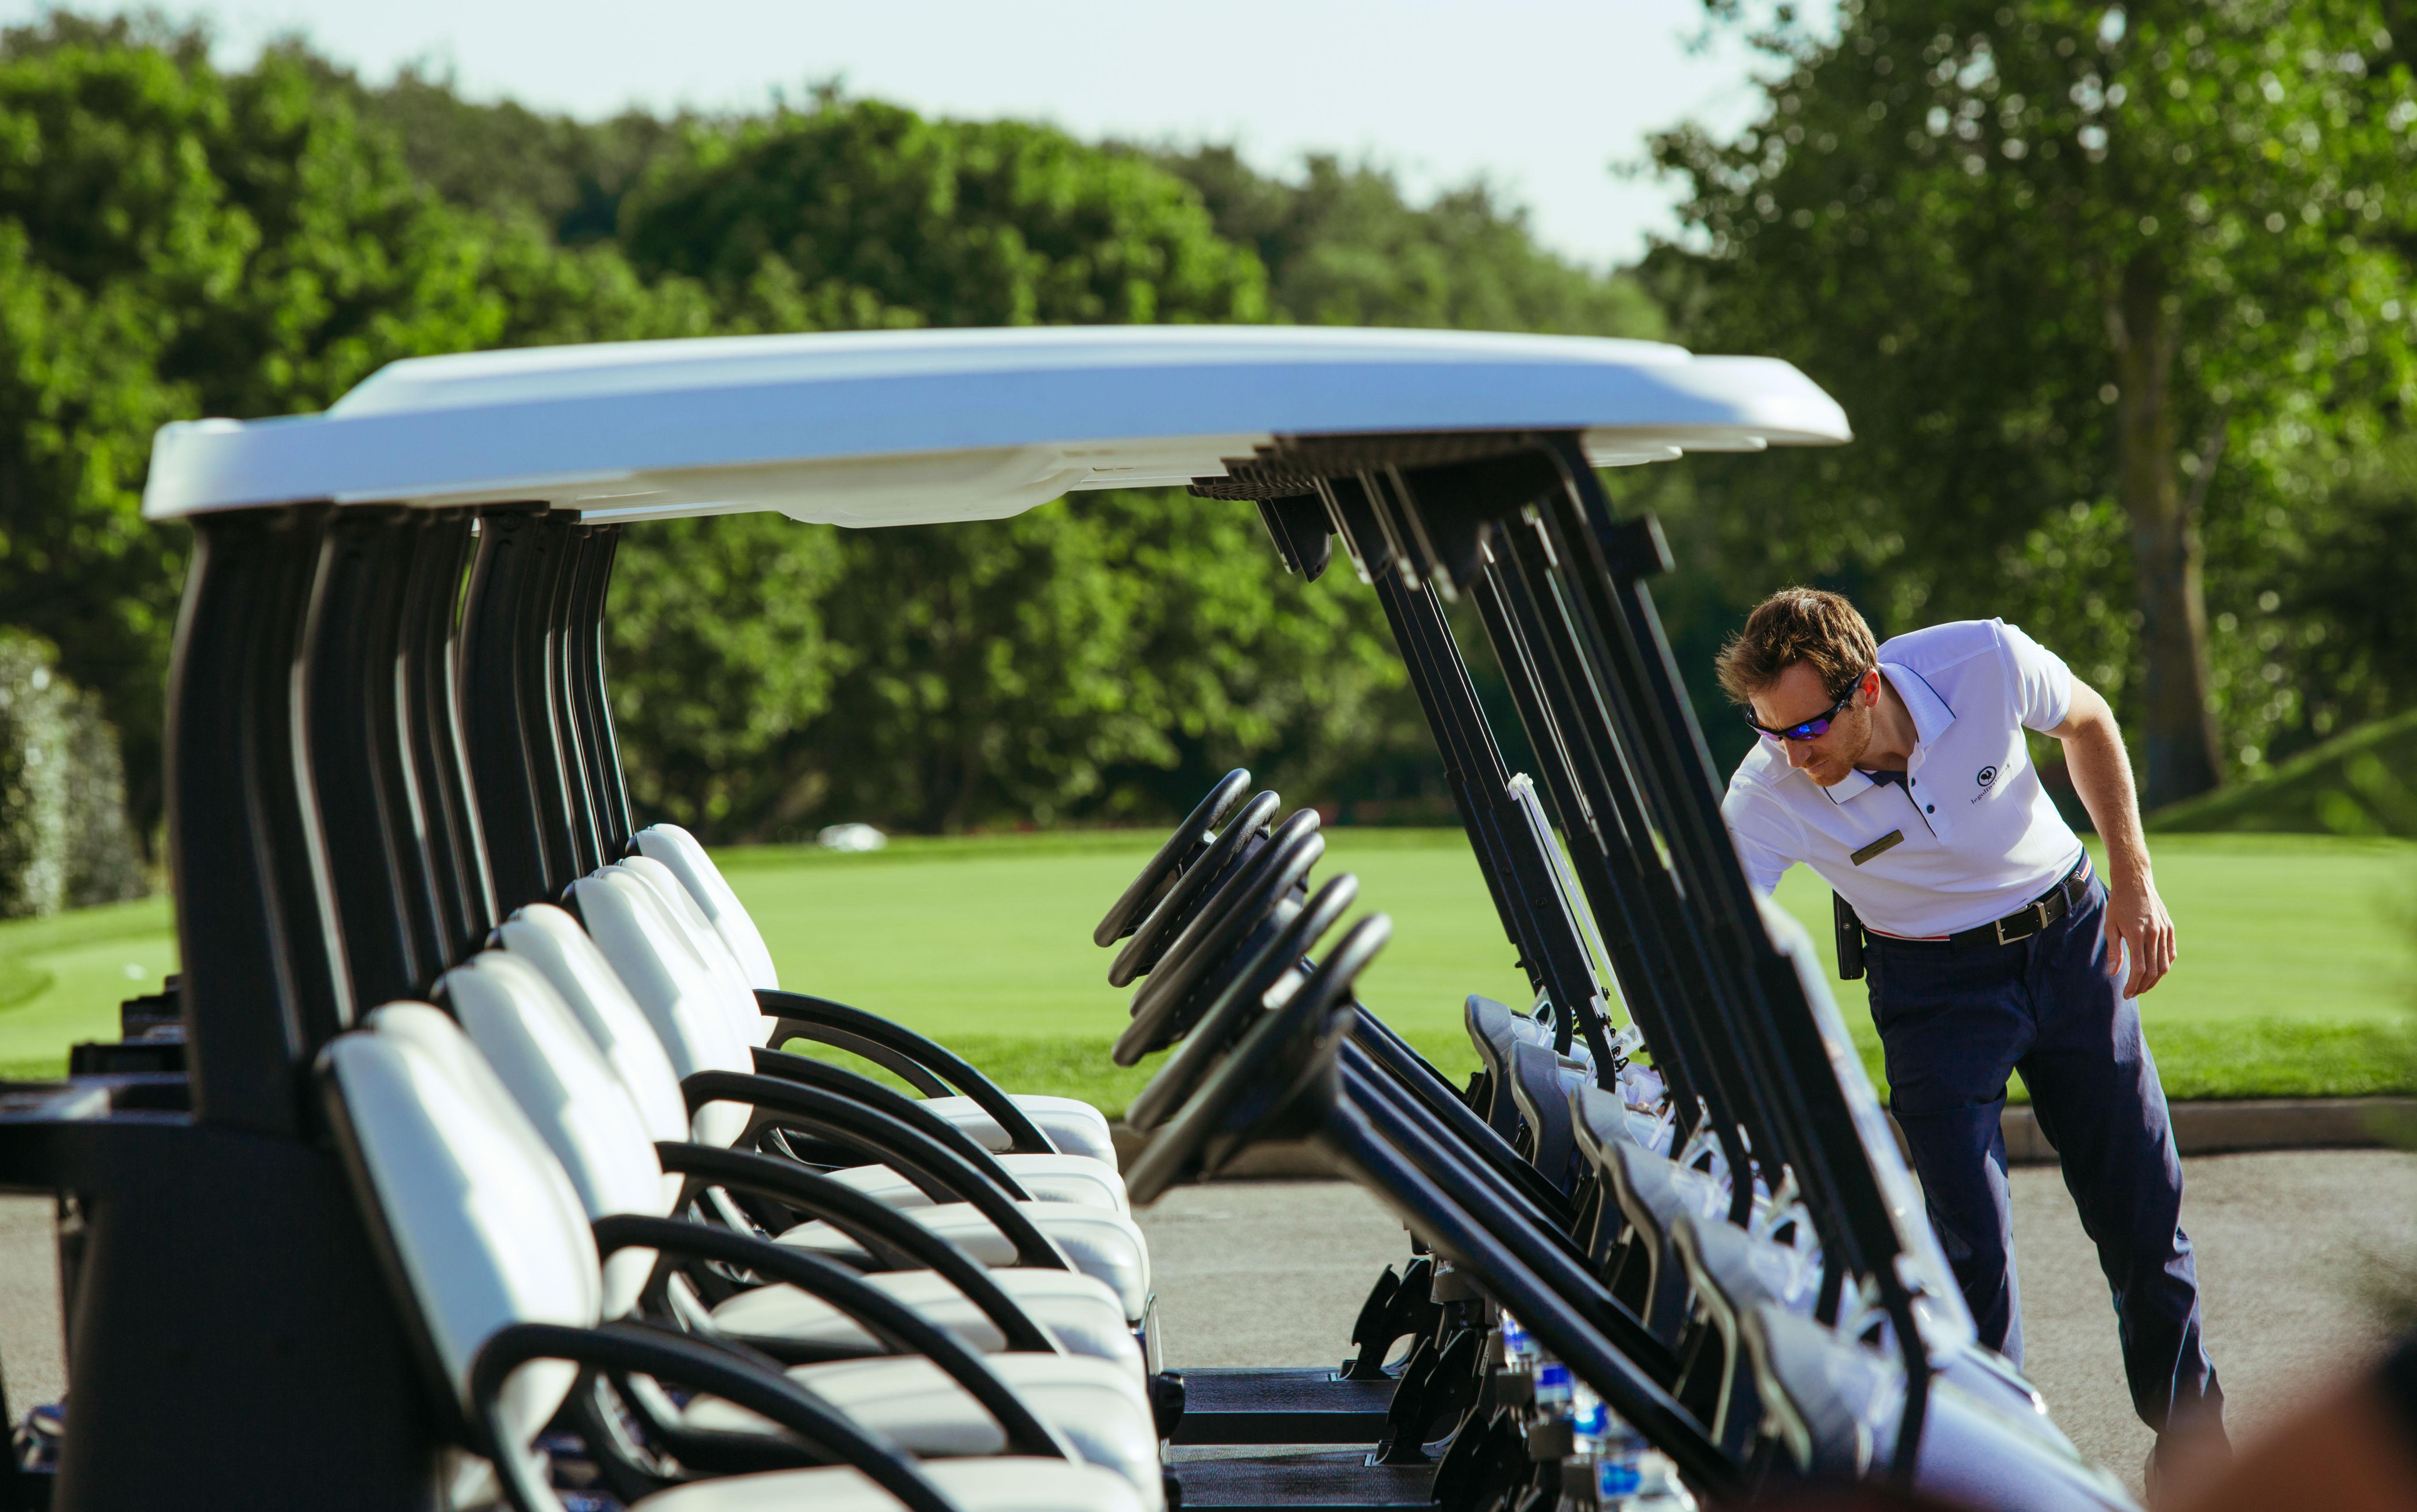 Vérification des caddies de golf avant le départ de la compétition